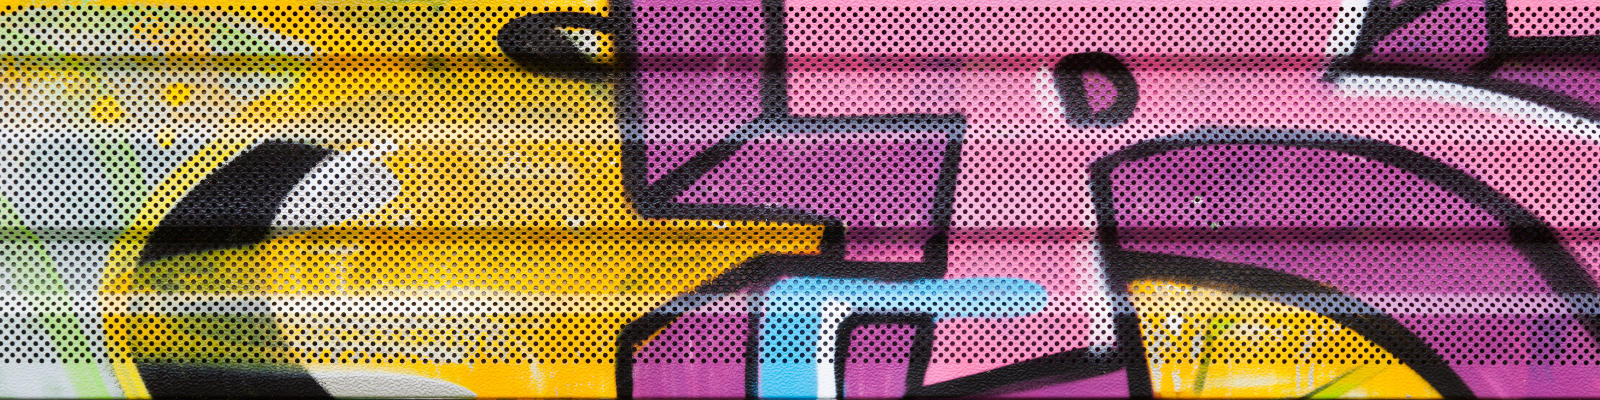 Melbourne Laneway art.